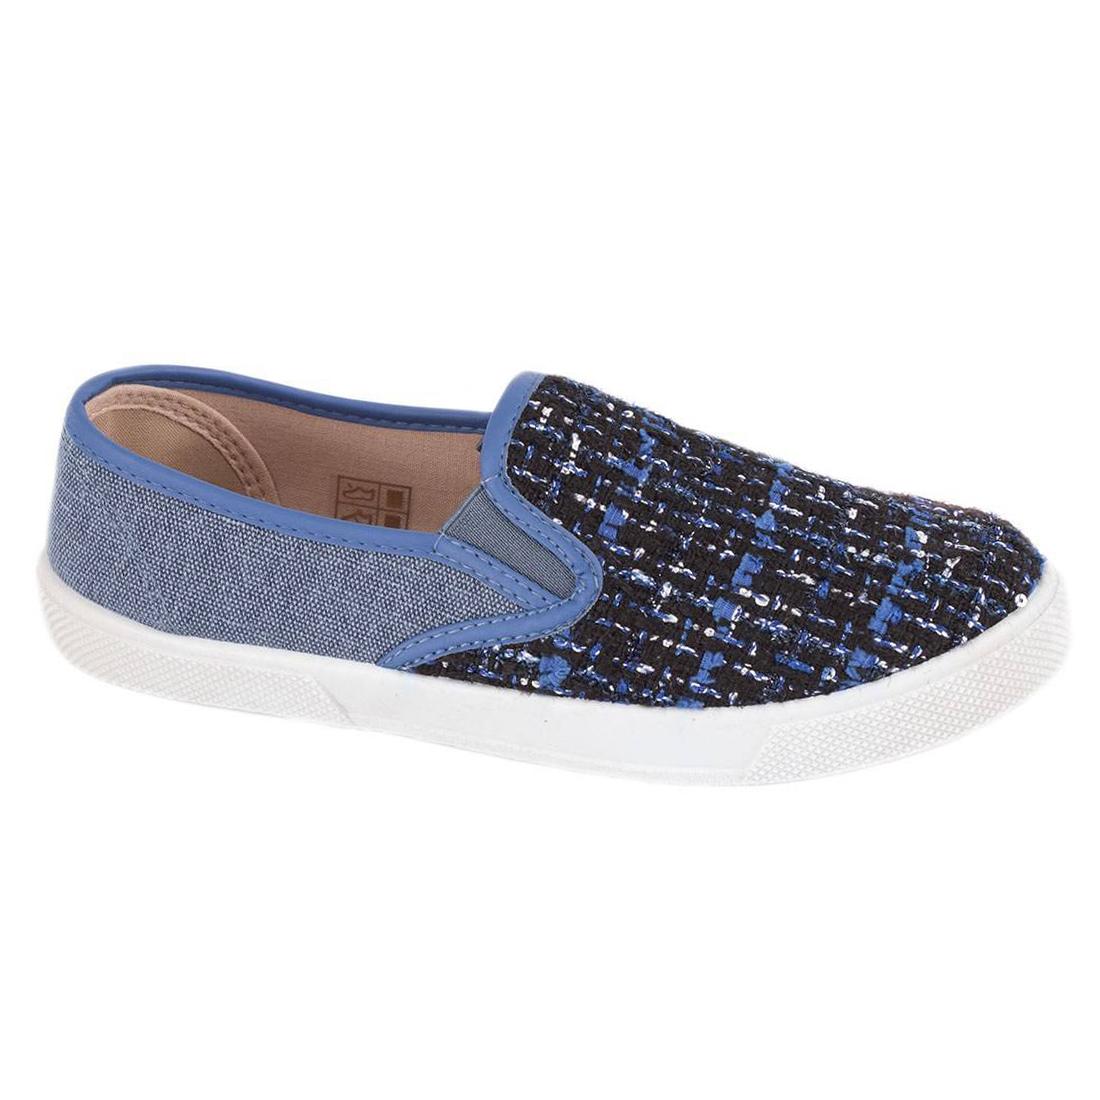 Espadrile albastre de dama 858A